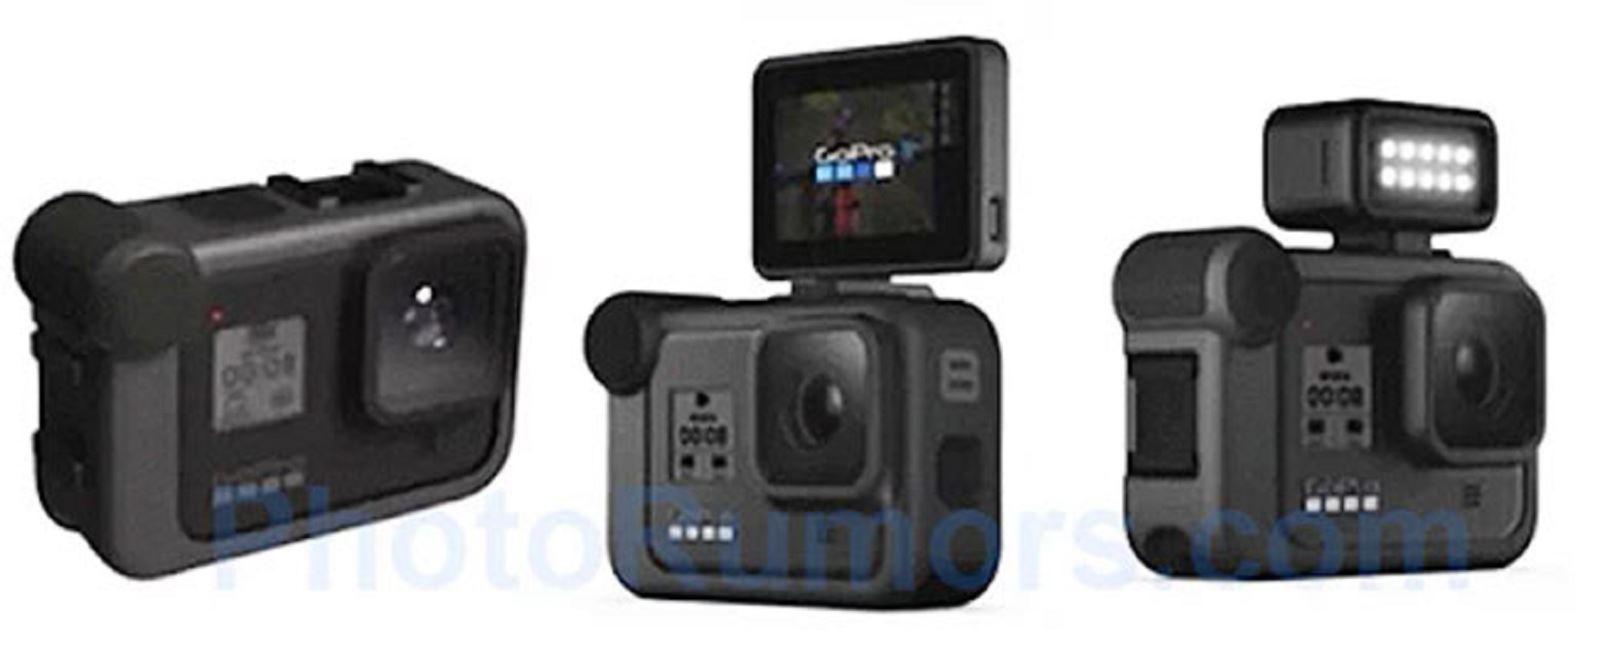 Rò rỉ hình ảnhGoPro Hero 8,sẽ quay video 4K ở tốc độ 120fps